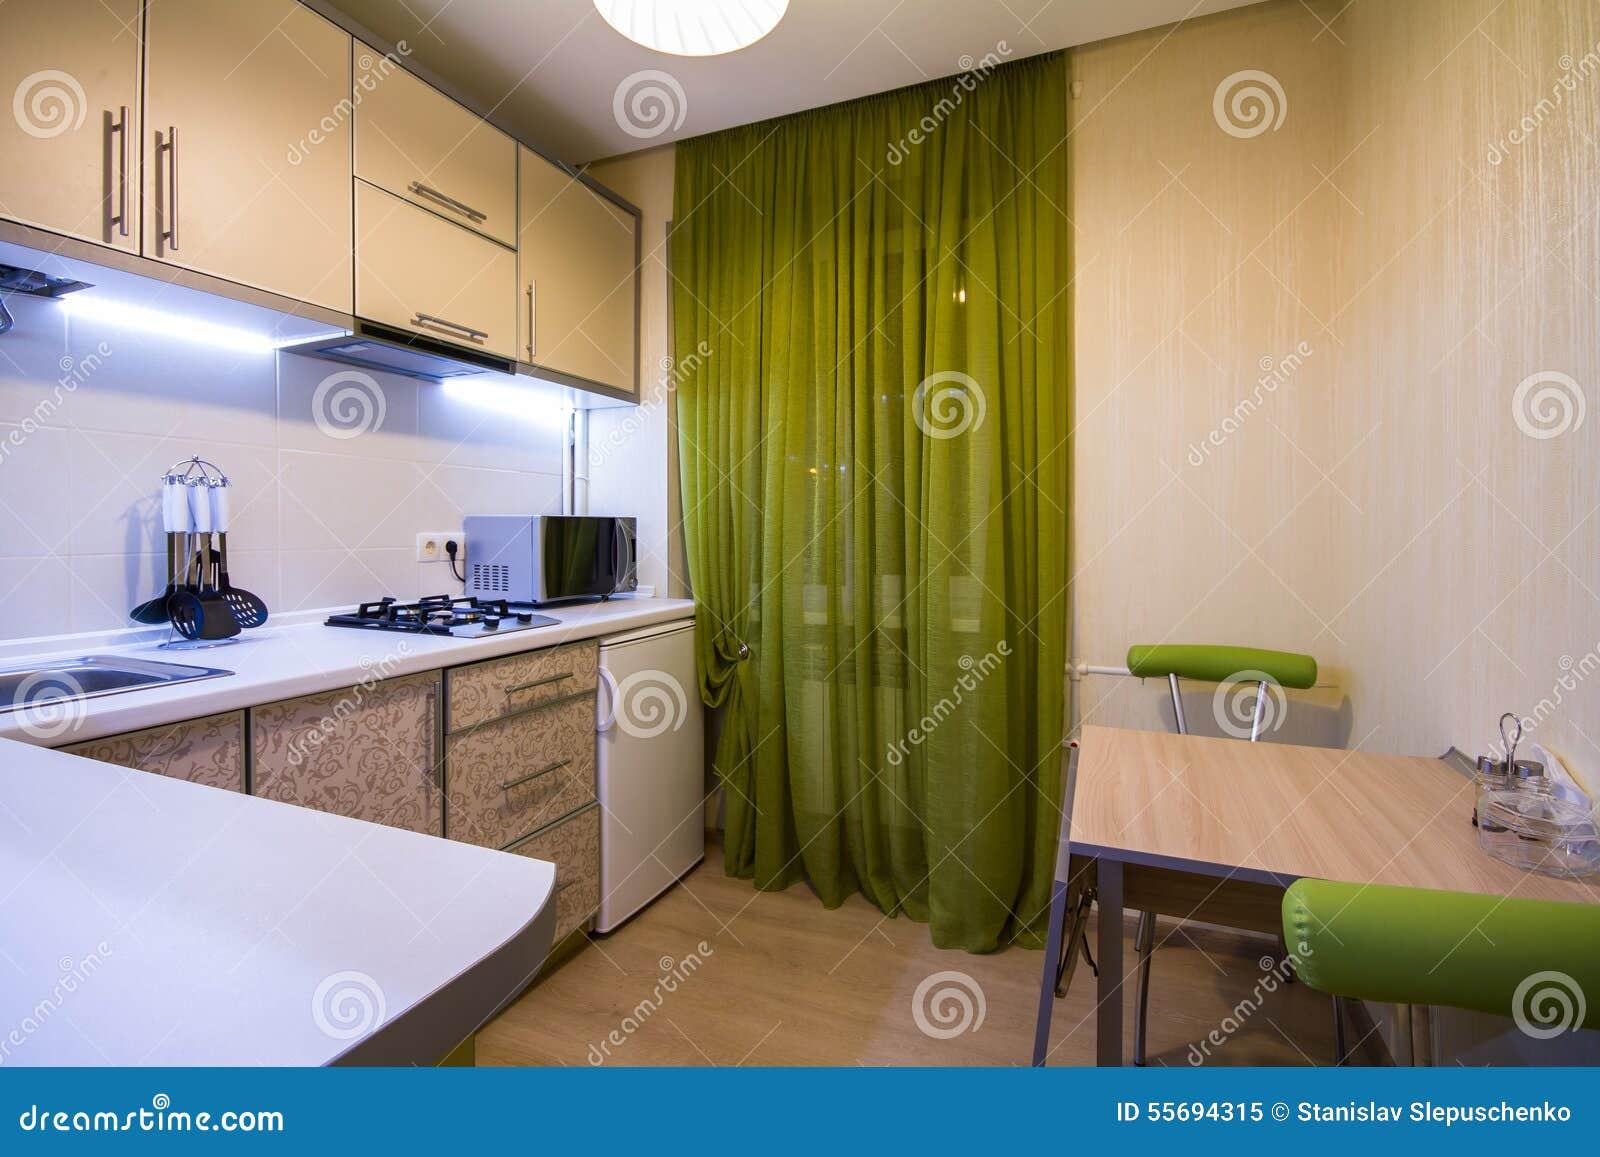 Cozinha Pequena Moderna Com Cortinas Verdes Imagem De Stock Imagem